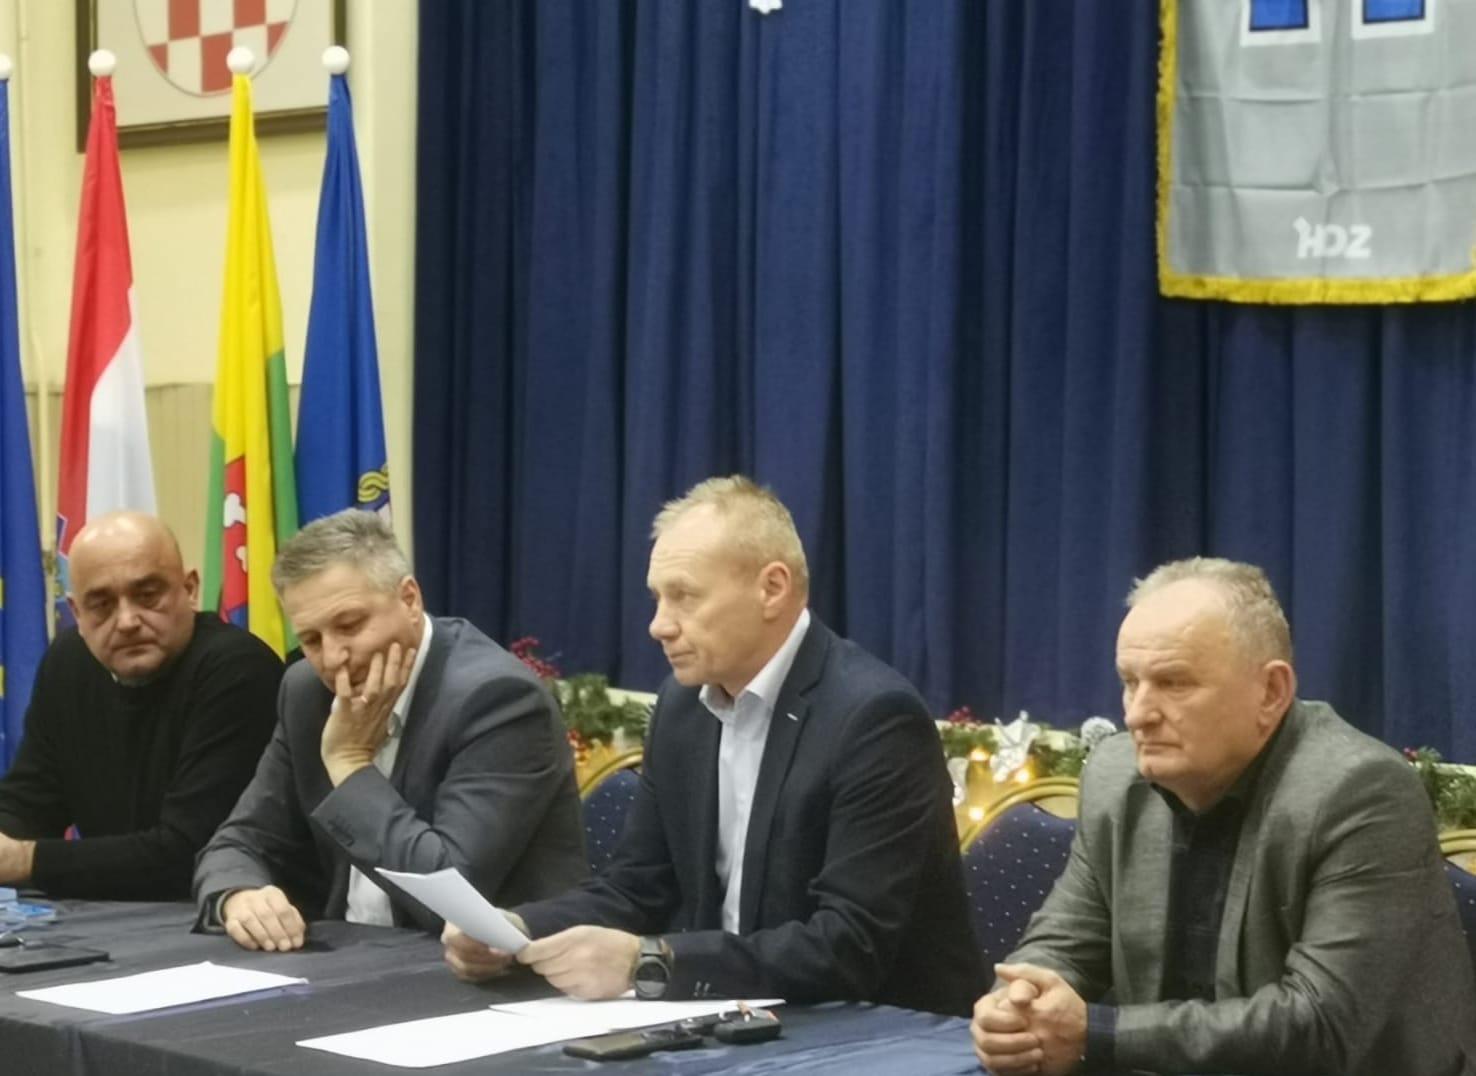 UTEMELJITELJI HDZ-a Pozvali na izbore i dali podršku Grabar-Kitarović